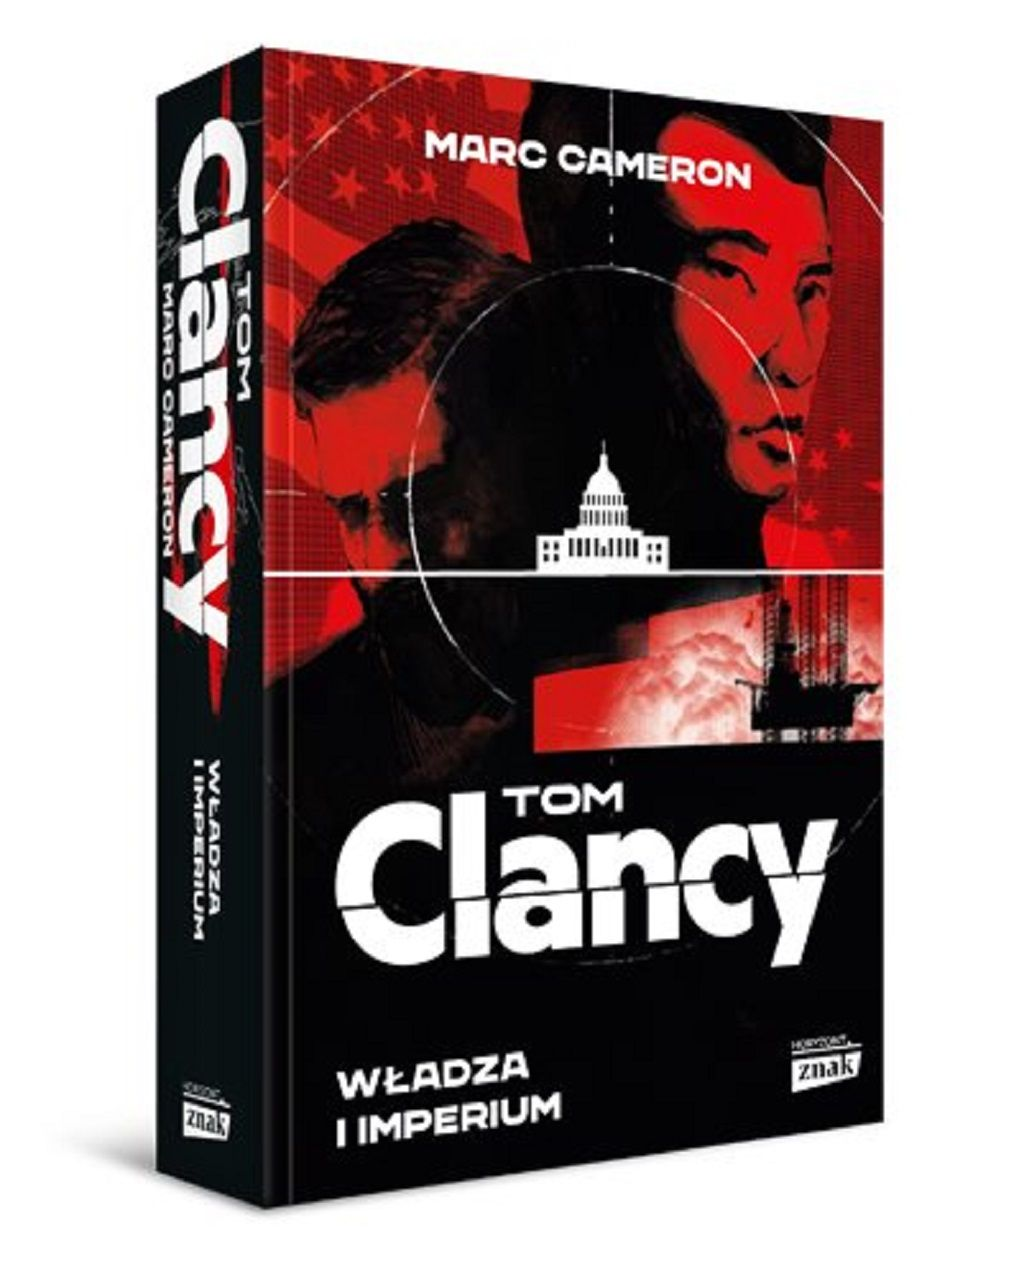 Marc Cameron, Tom Clancy – Władza i imperium